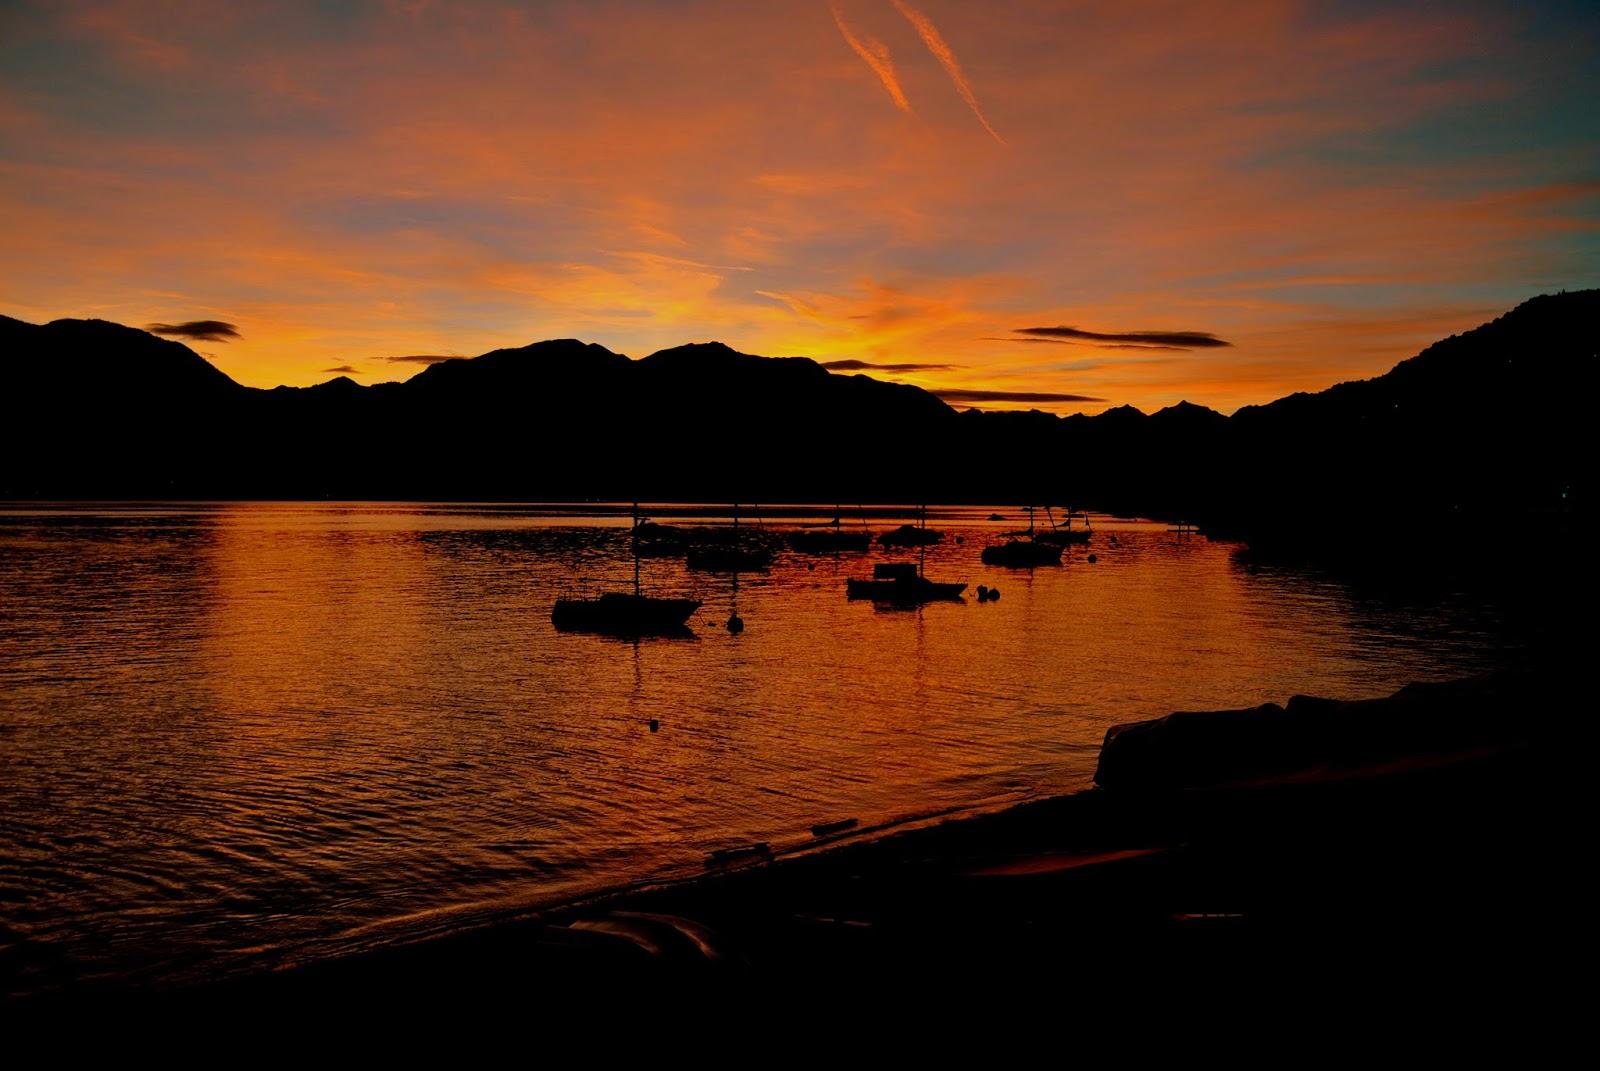 soggiorno lago dorta ~ dragtime for . - Soggiorno Lago Dorta 2